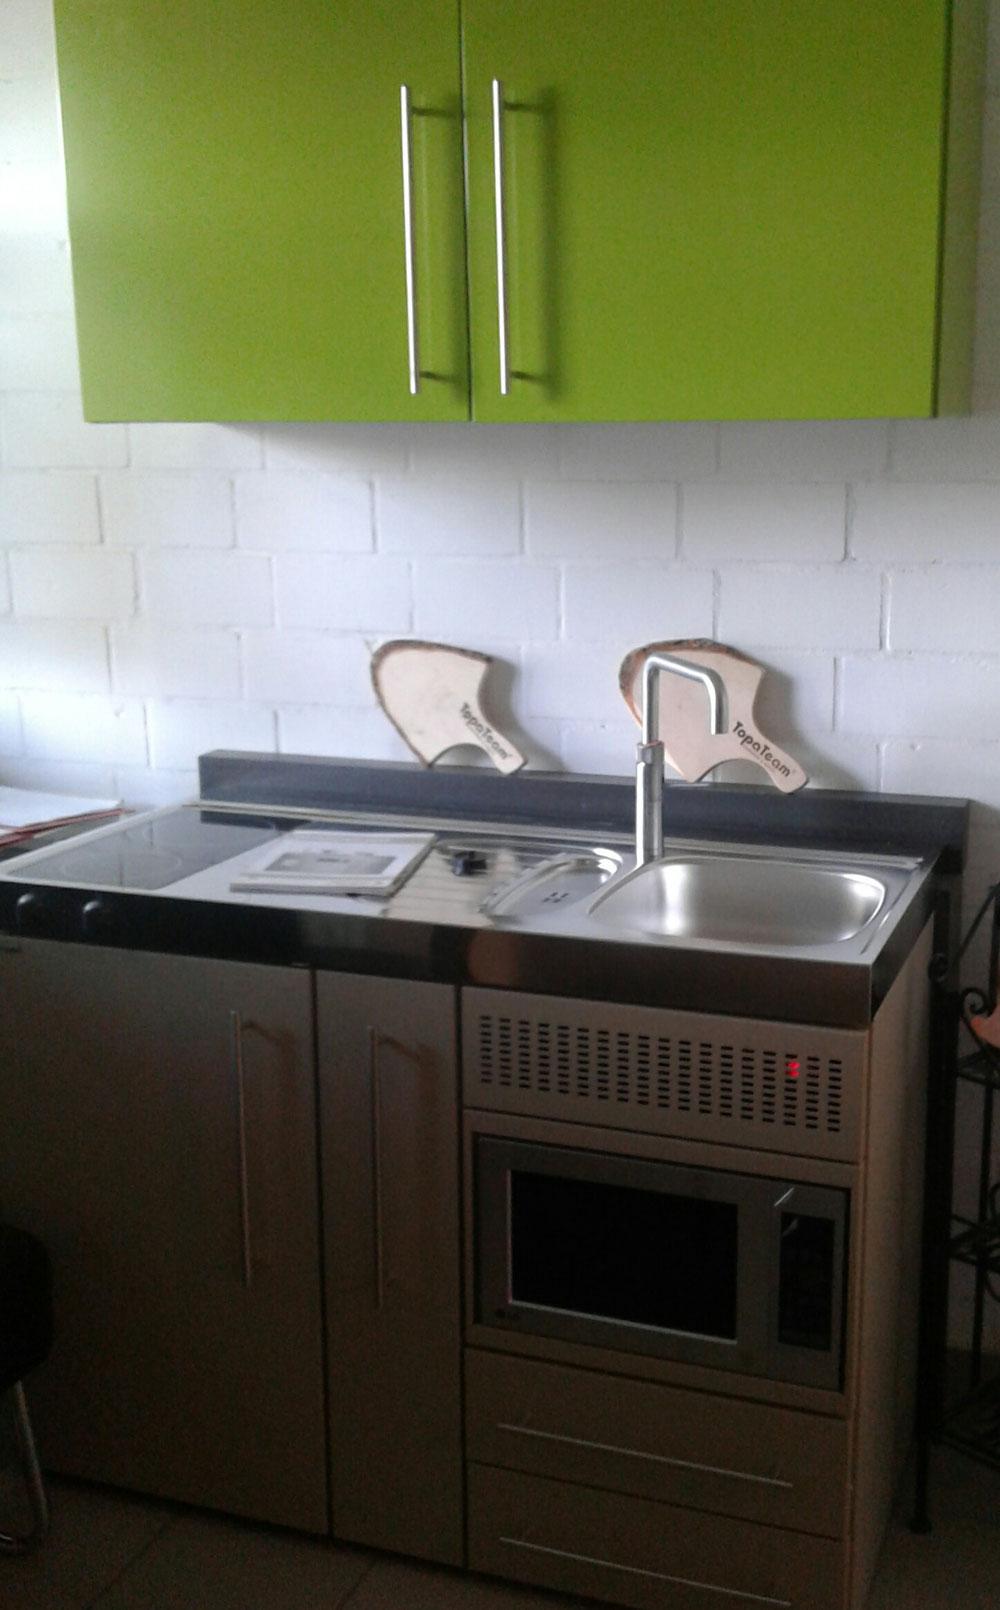 Stengel - Steelconcept Miniküchen beinhalten alles, was man für eine kleine (Ferien-) Wohnung benötigt